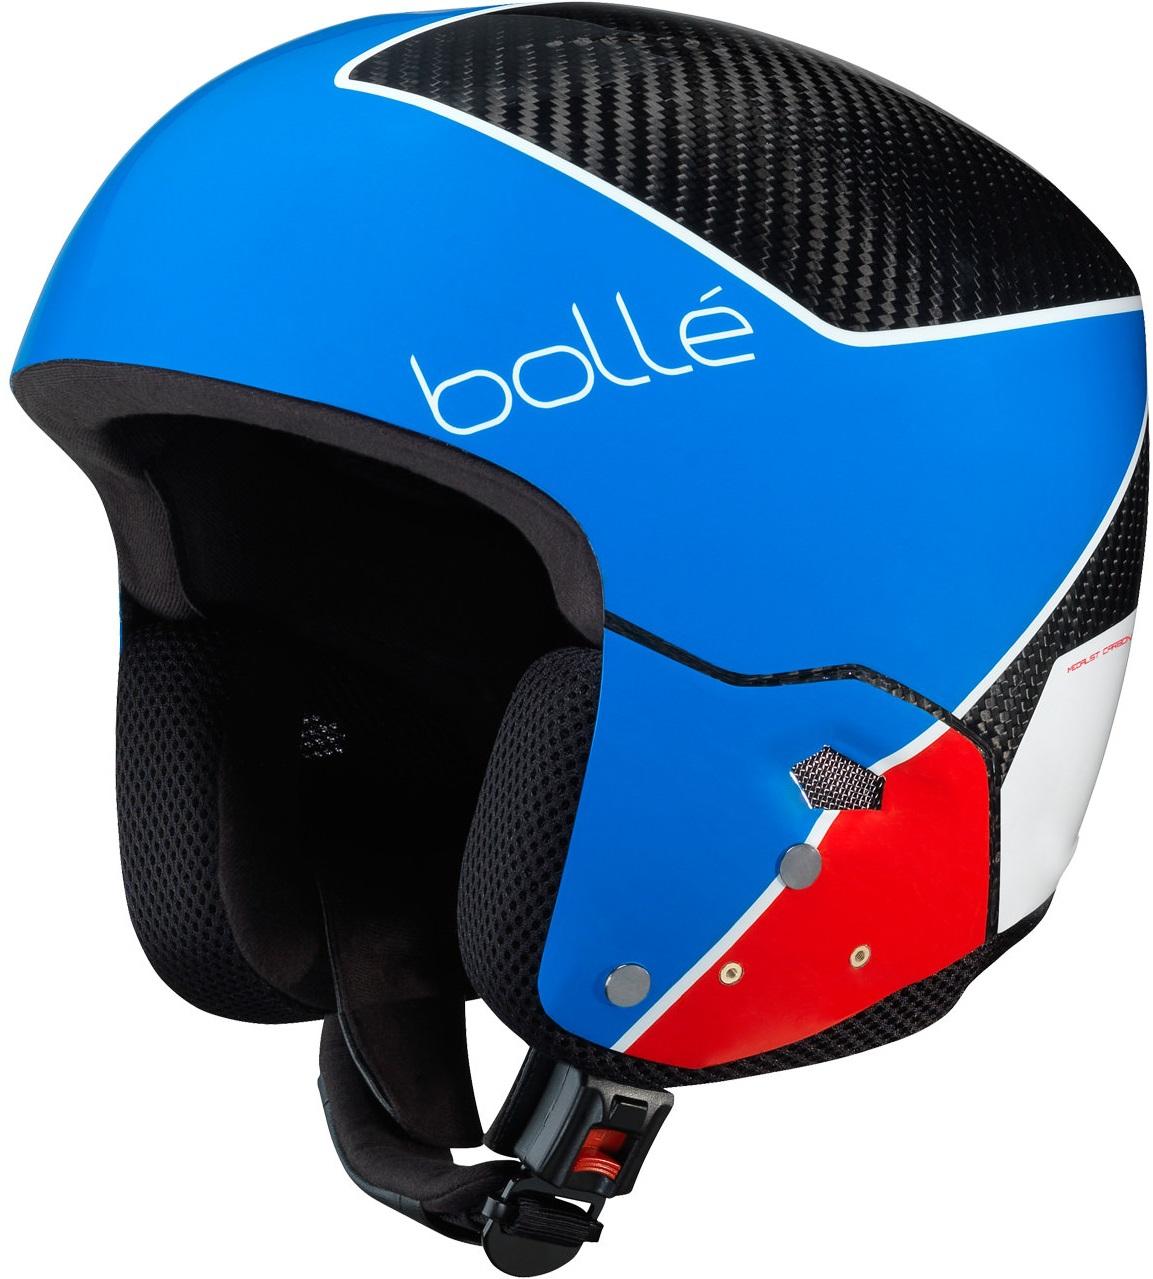 Bollé Medalist Carbon Pro Race Blue